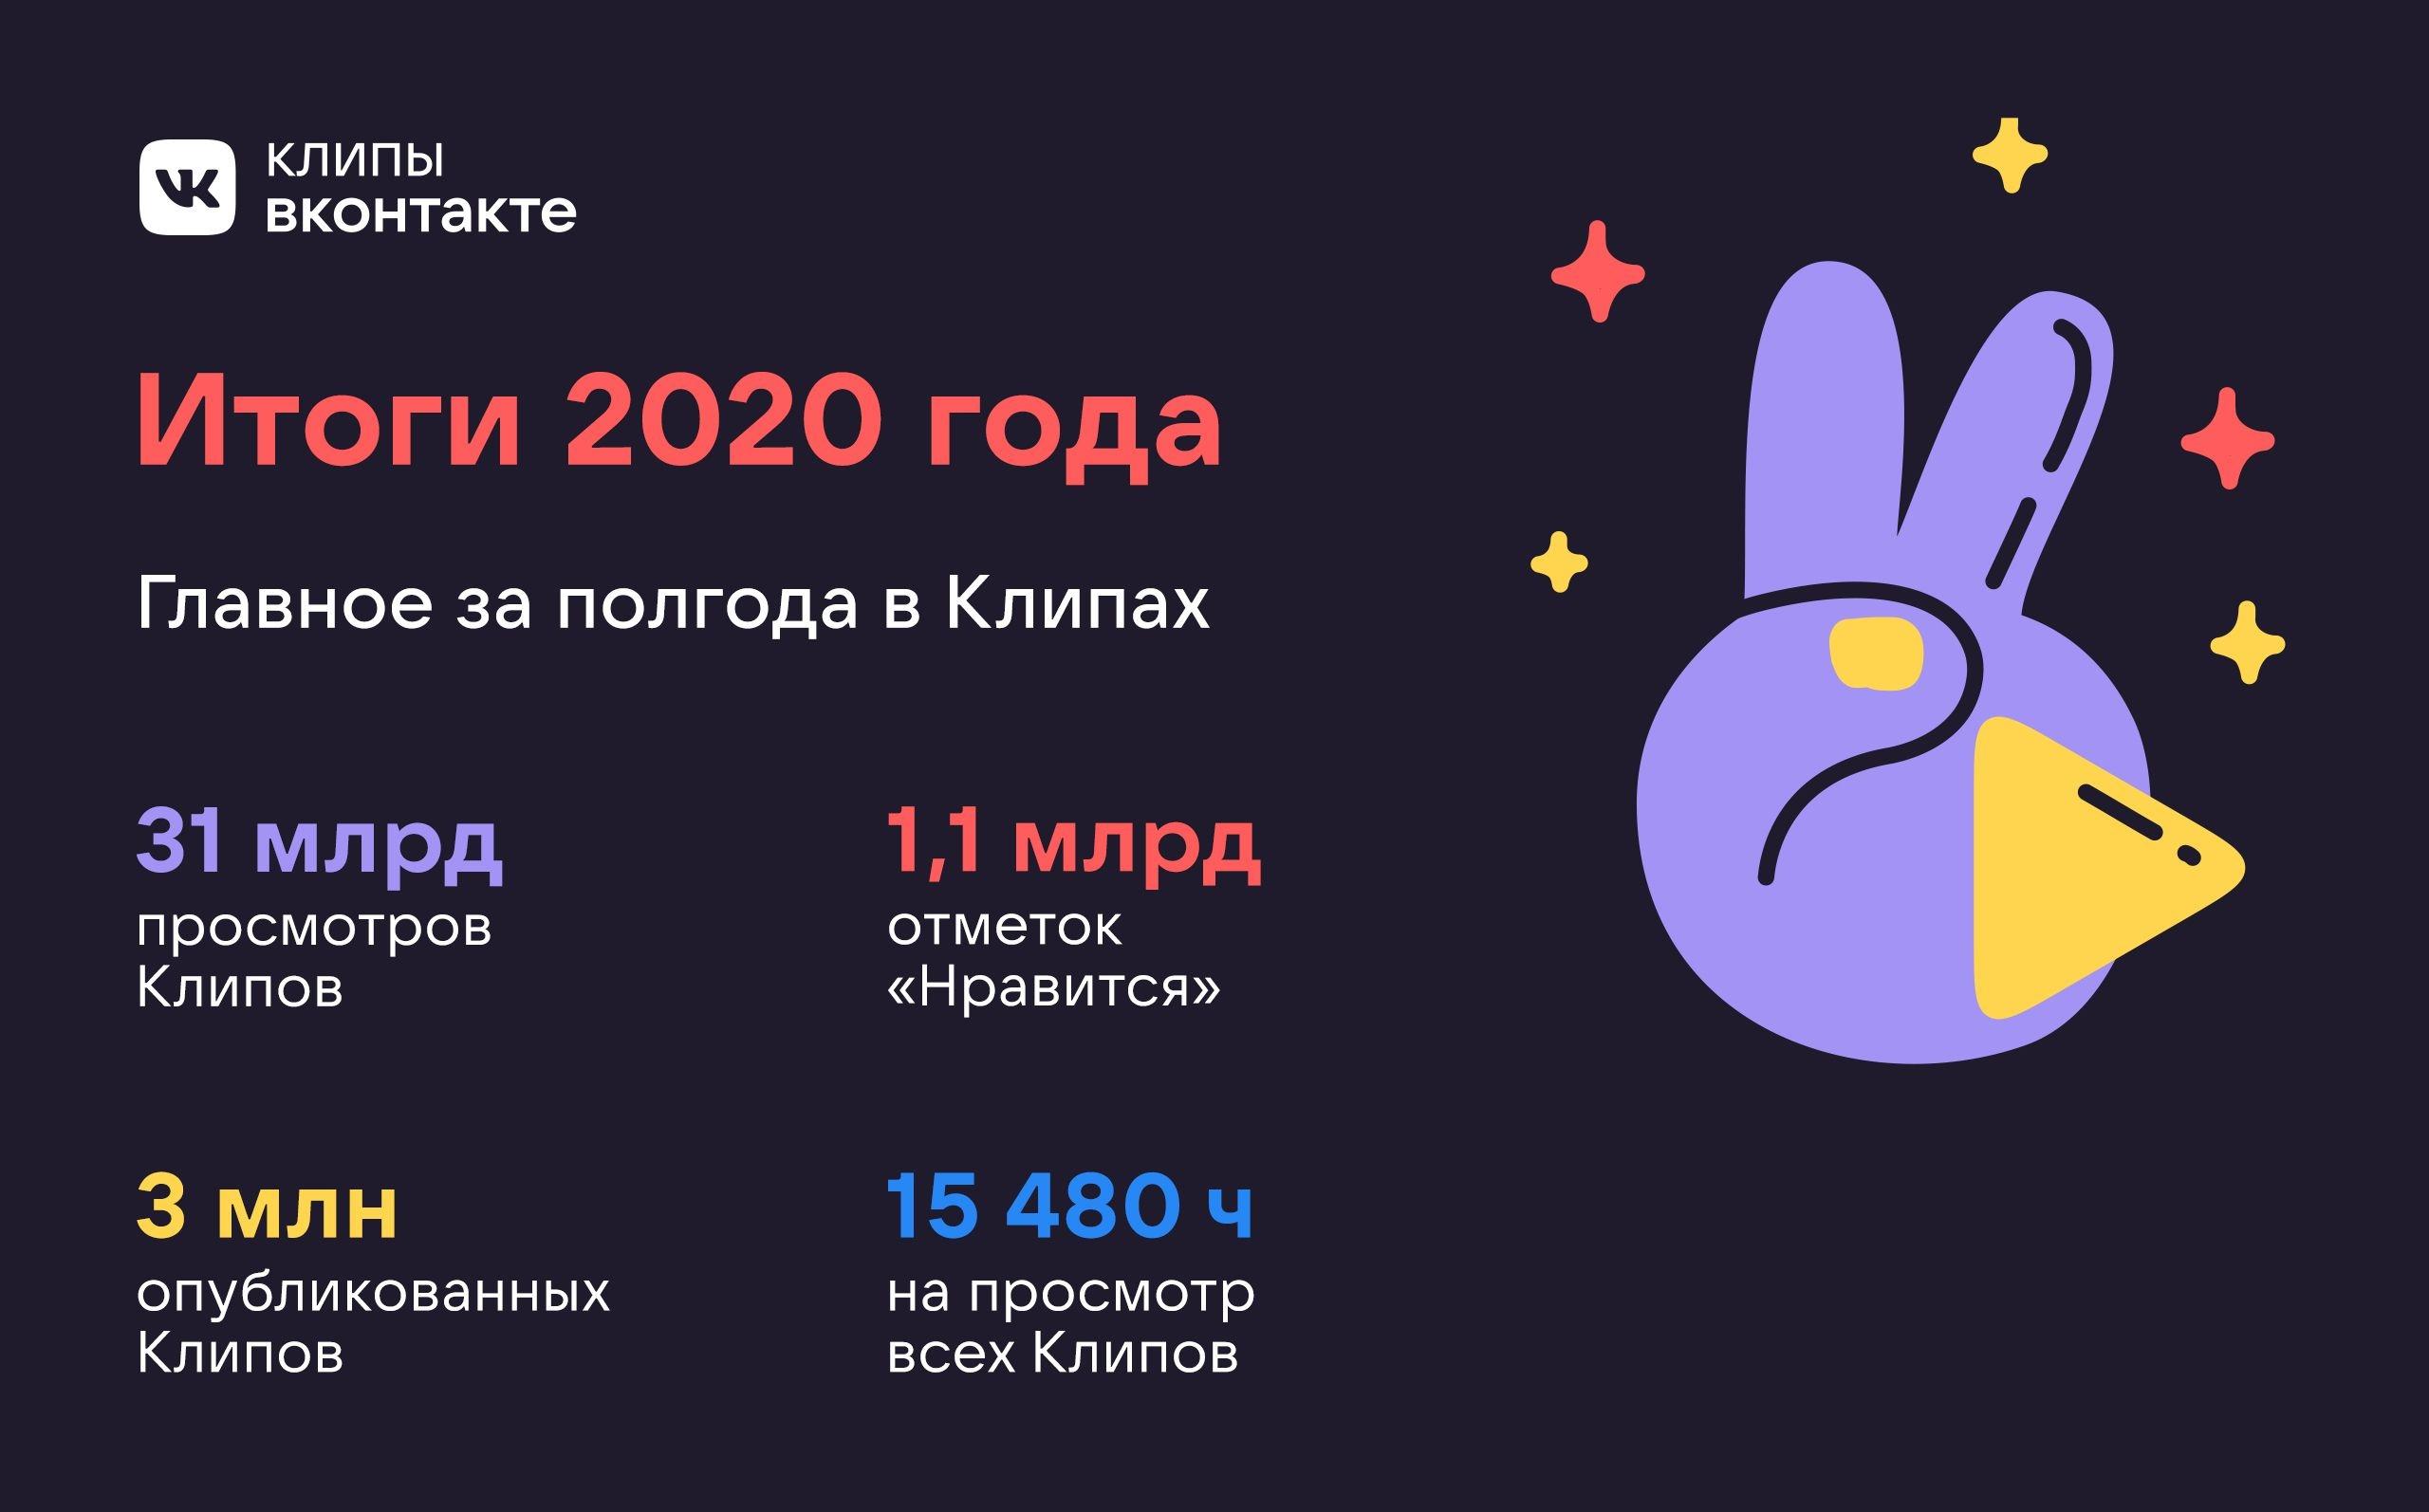 За полгода «Клипы» ВКонтакте собрали более 31 млрд просмотров